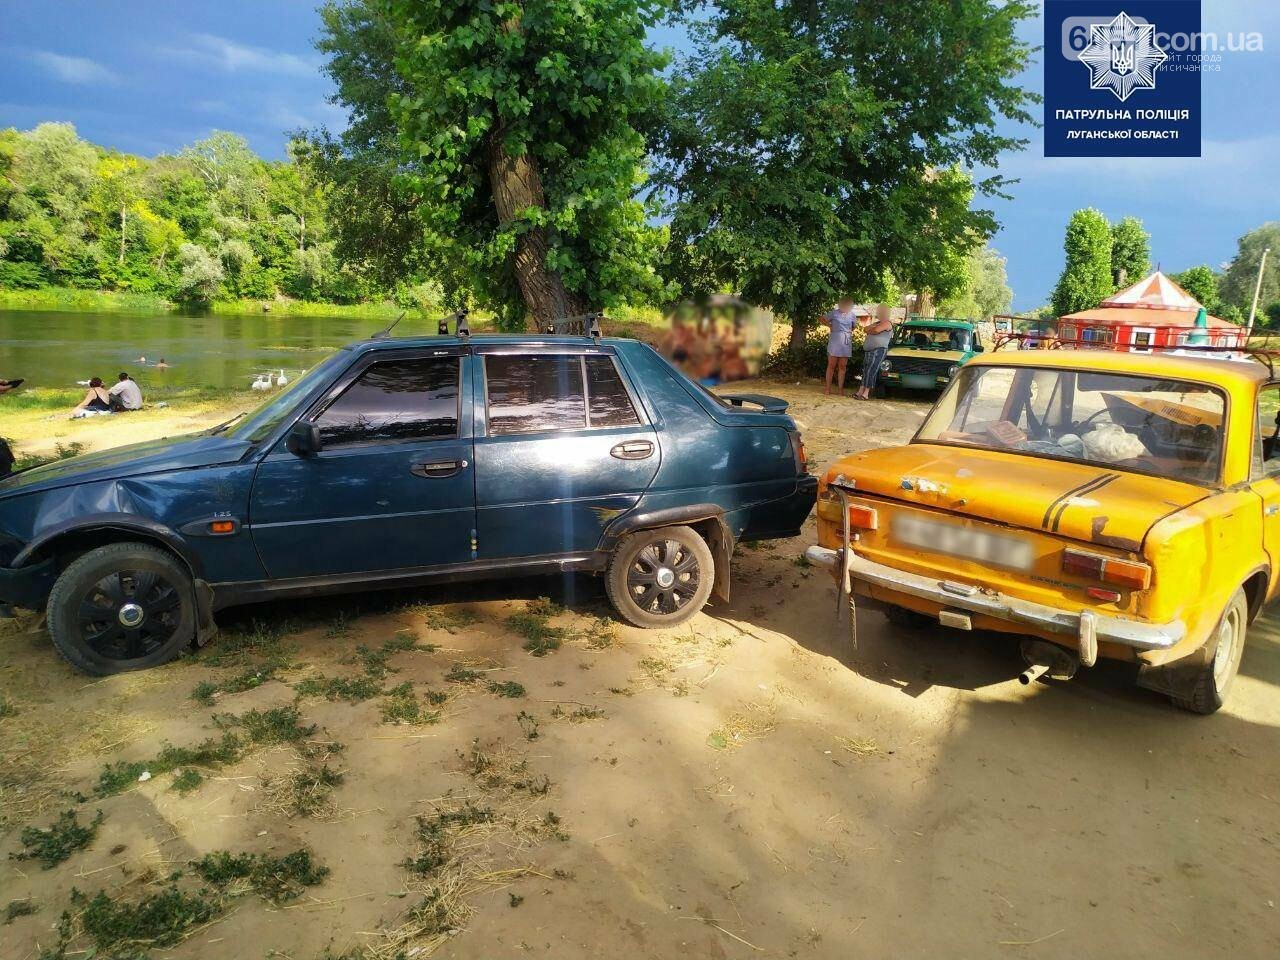 Пьяный мужчина из Лисичанска сначала украл автомобиль, а потом устроил на нем ДТП, фото-1